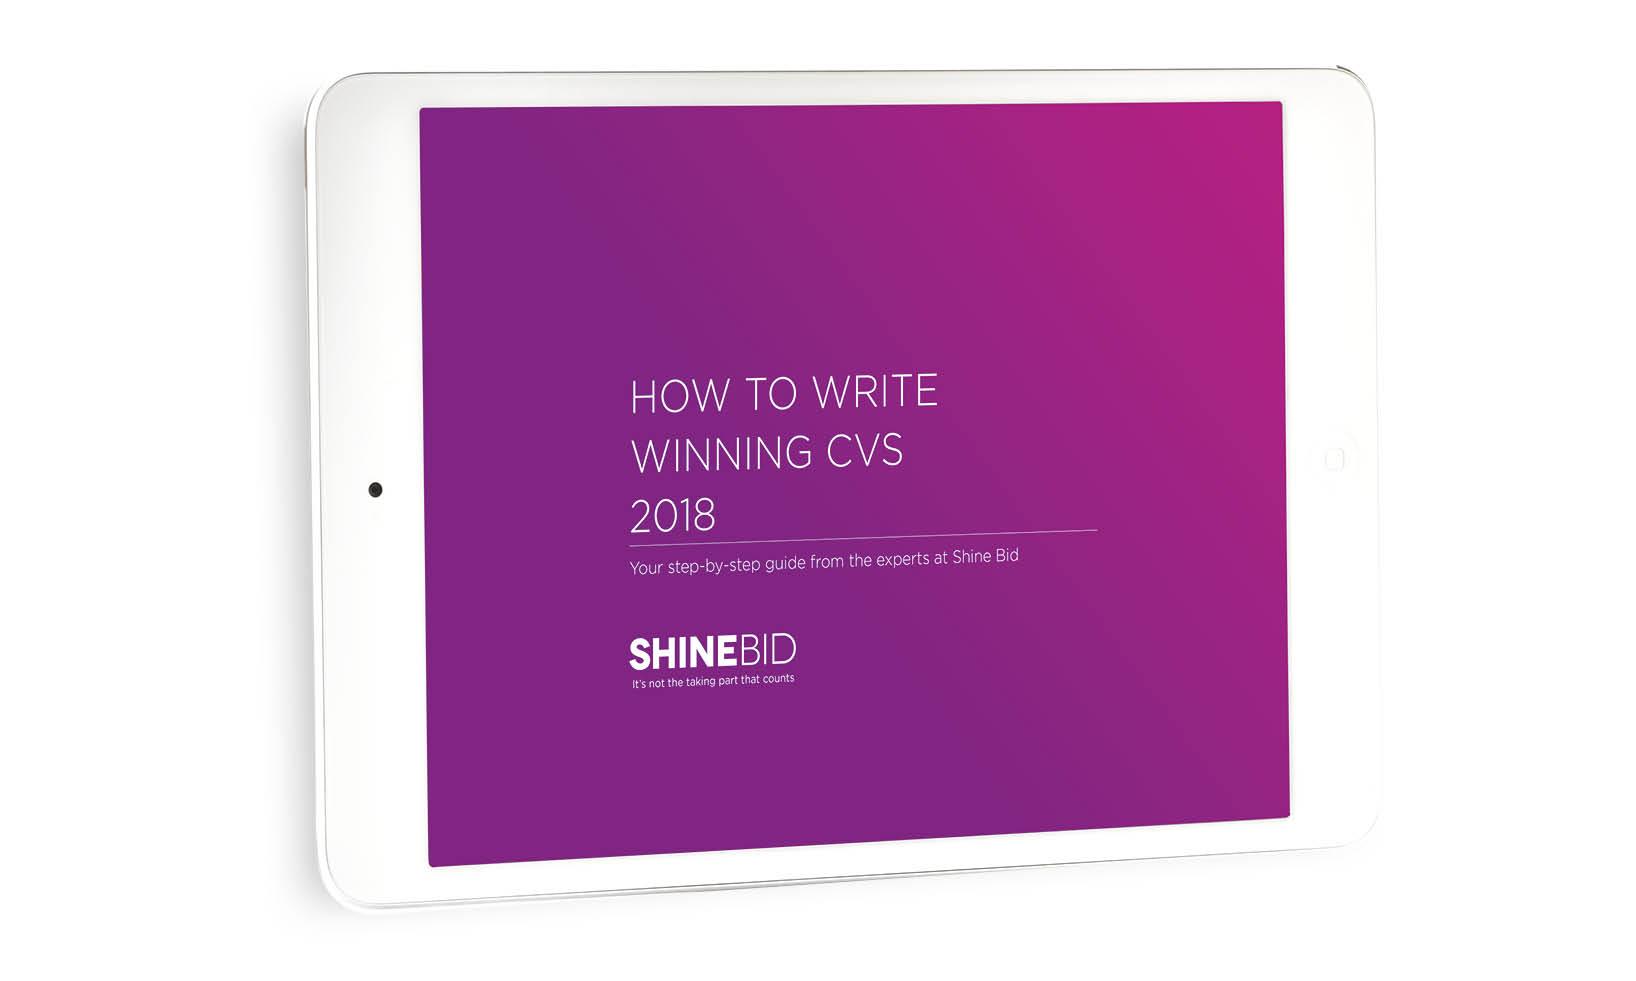 How to Write Winning CVs